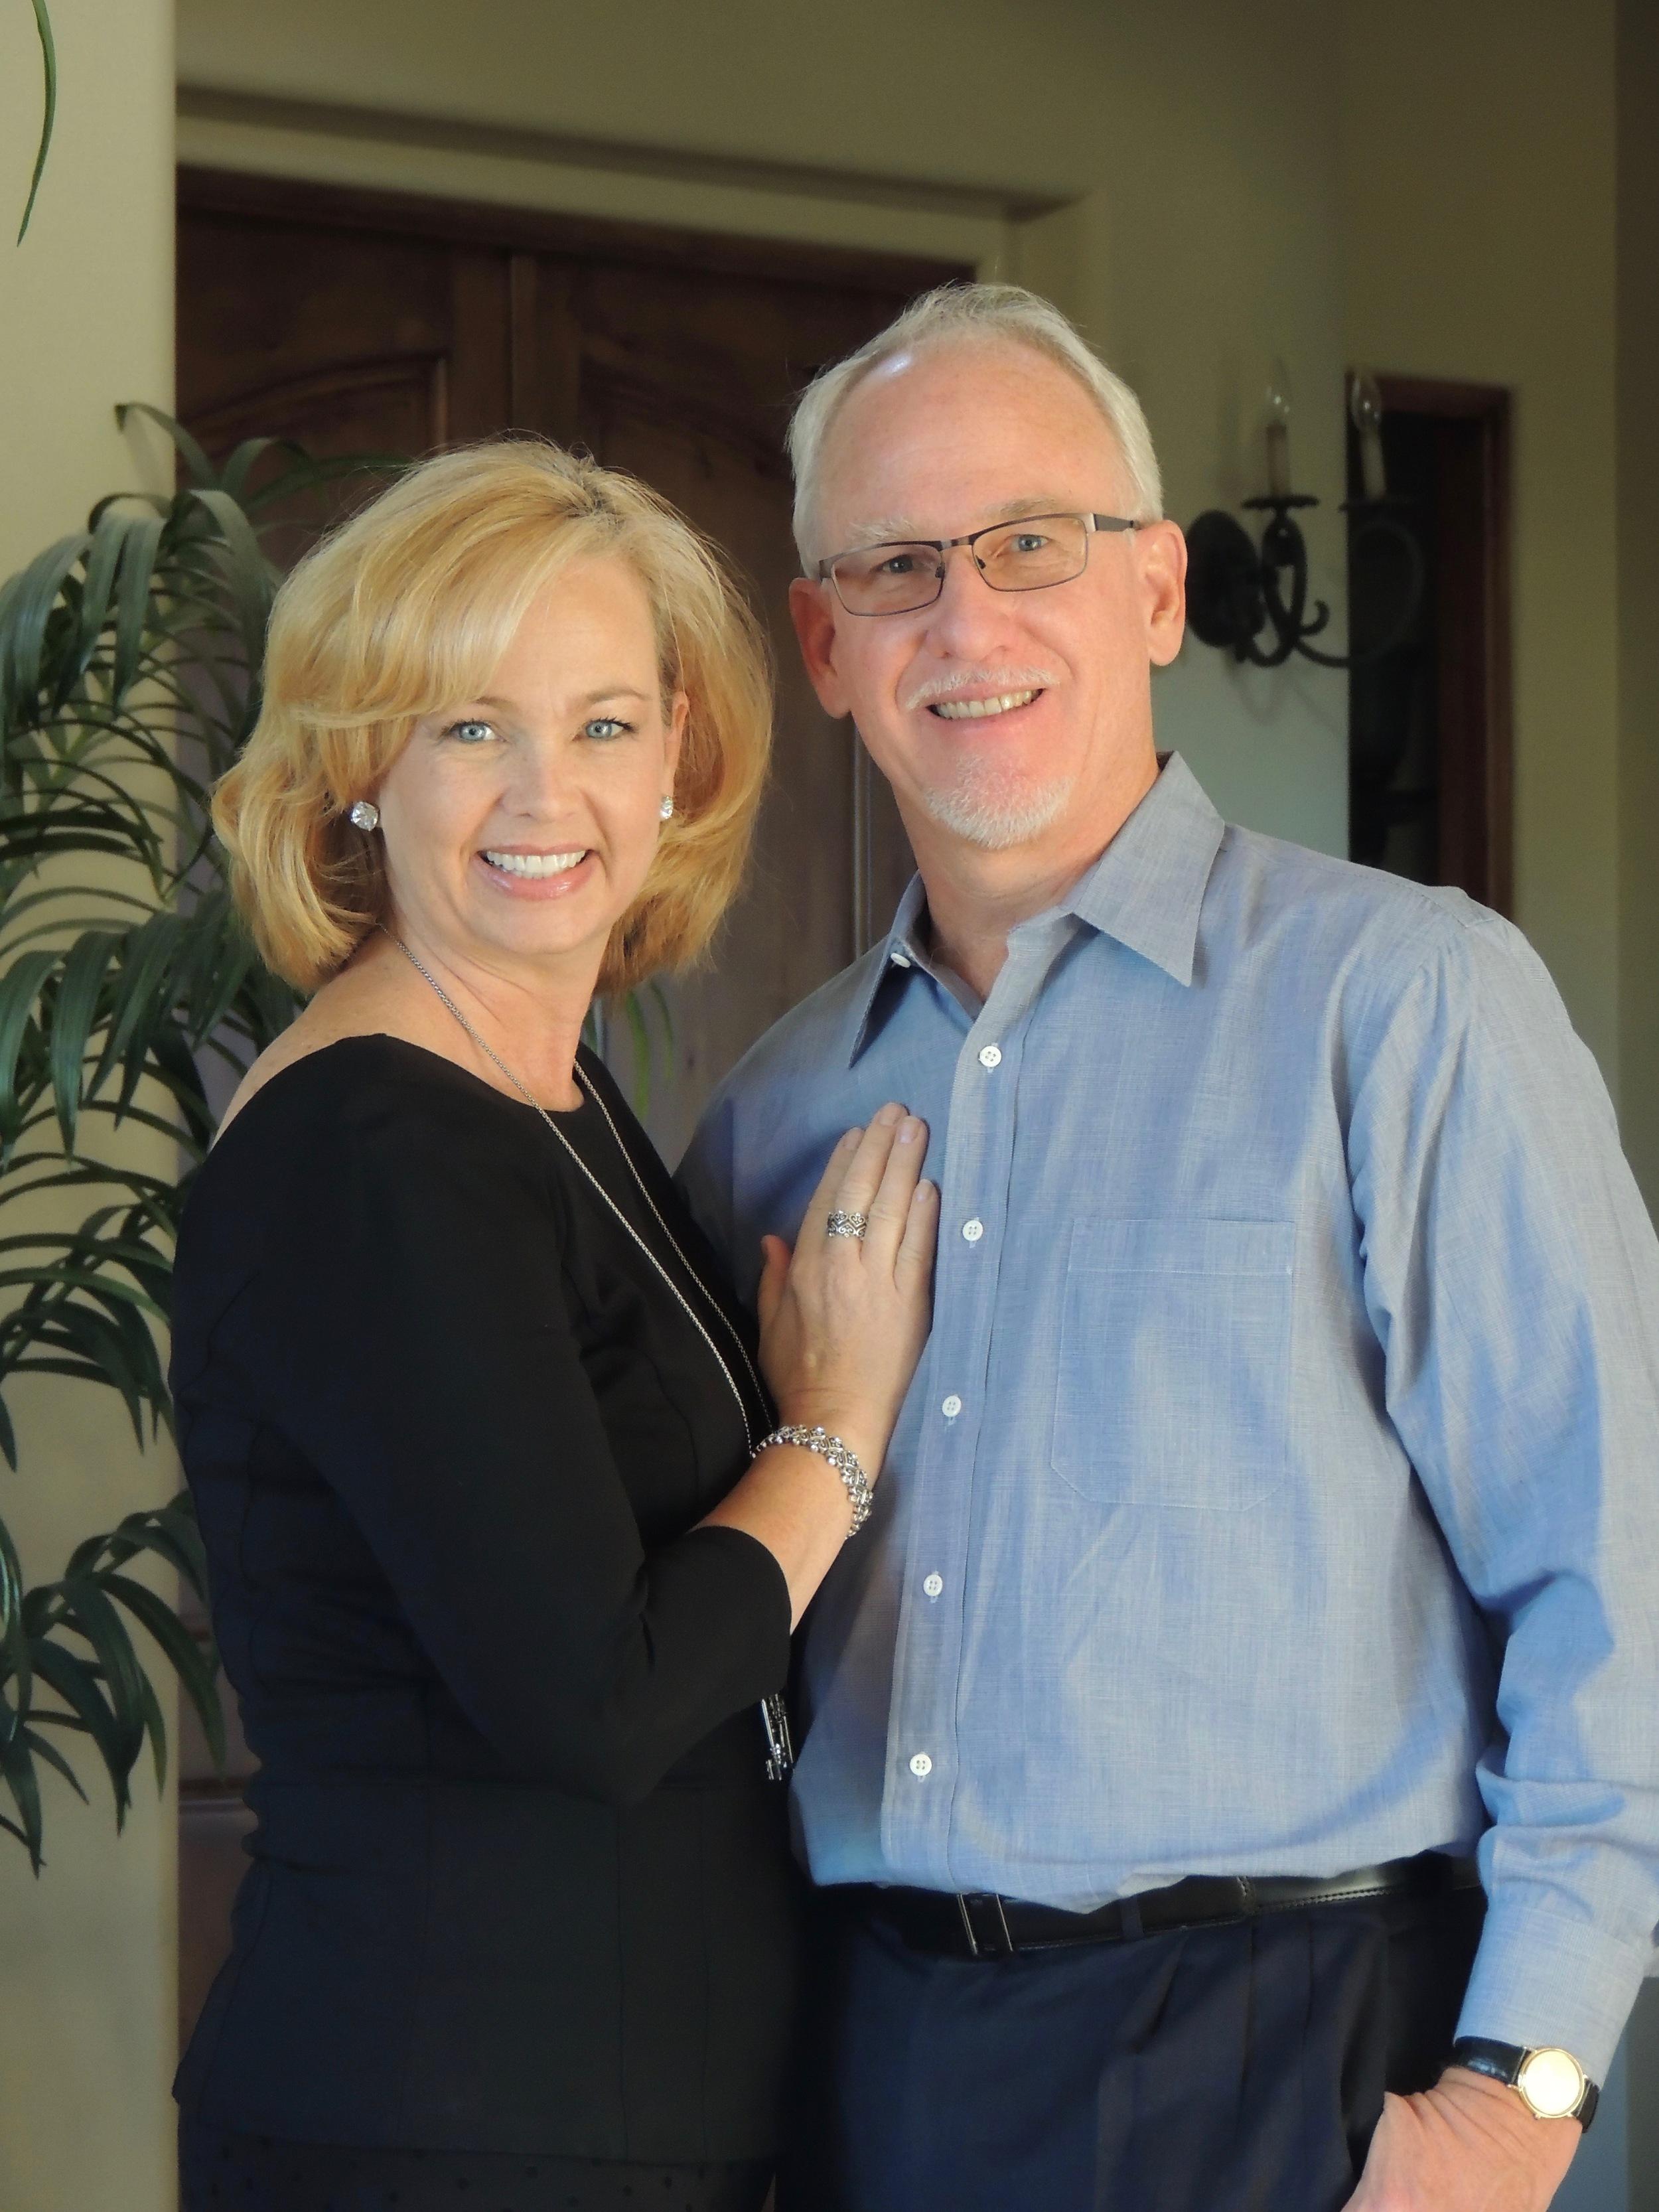 Chrissy & Steven Stone